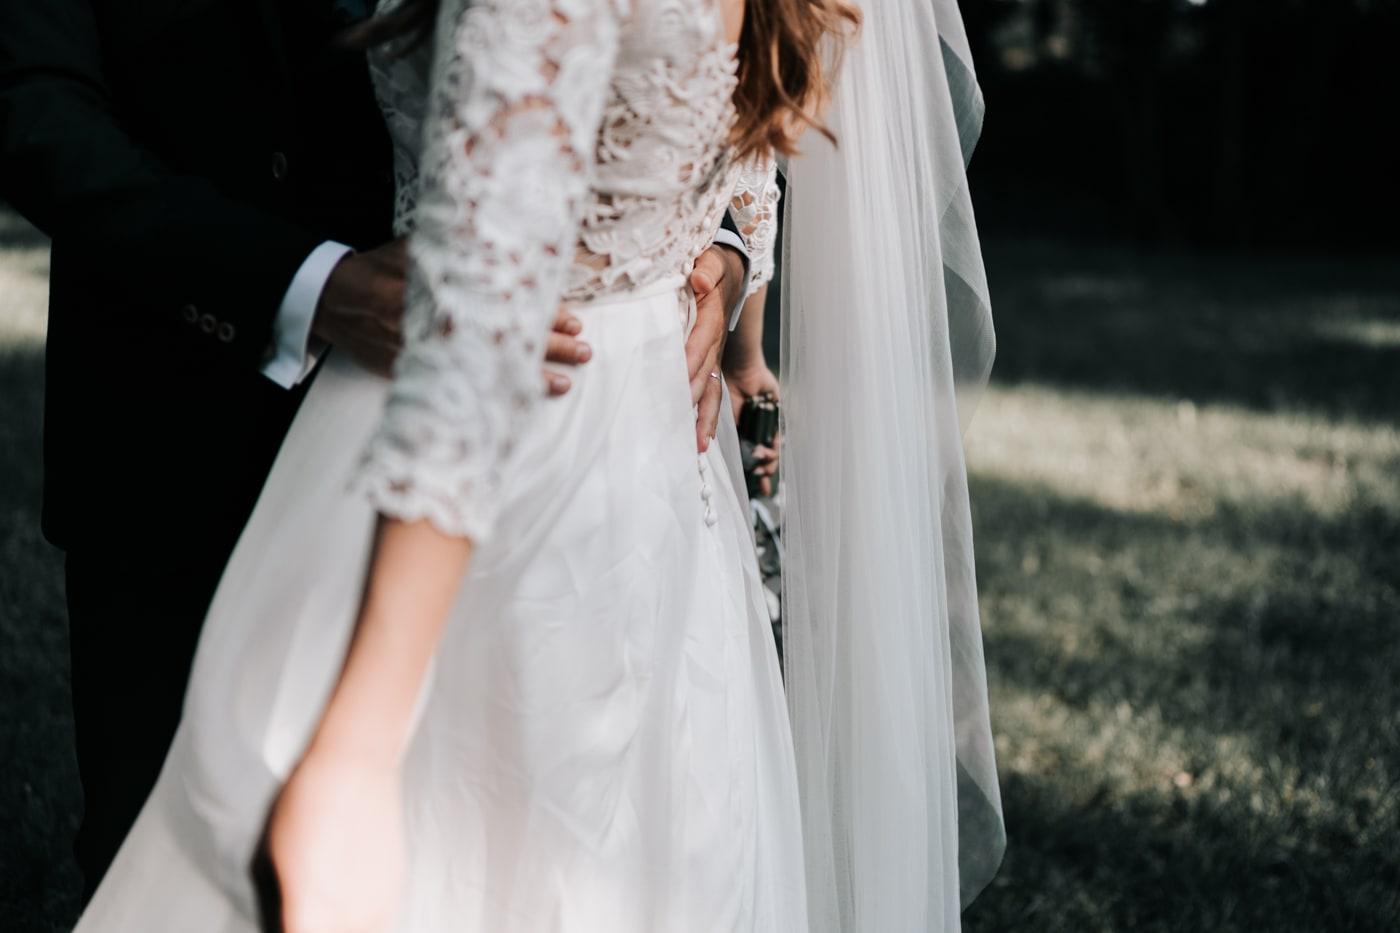 Détail robe de mariée-Lambert création-Mariage Sophie&Paul-Domaine du Taleur-Delphine Closse